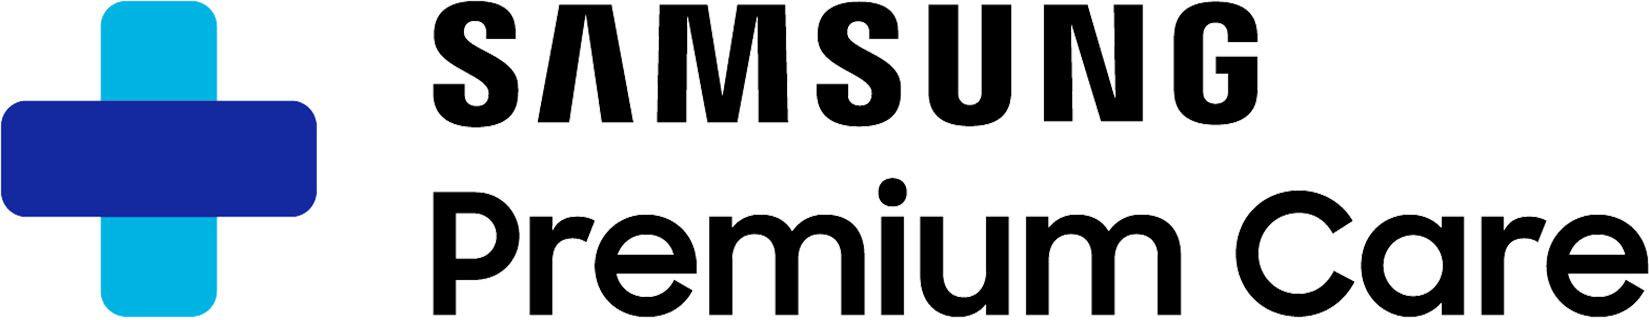 Samsung Premium Care